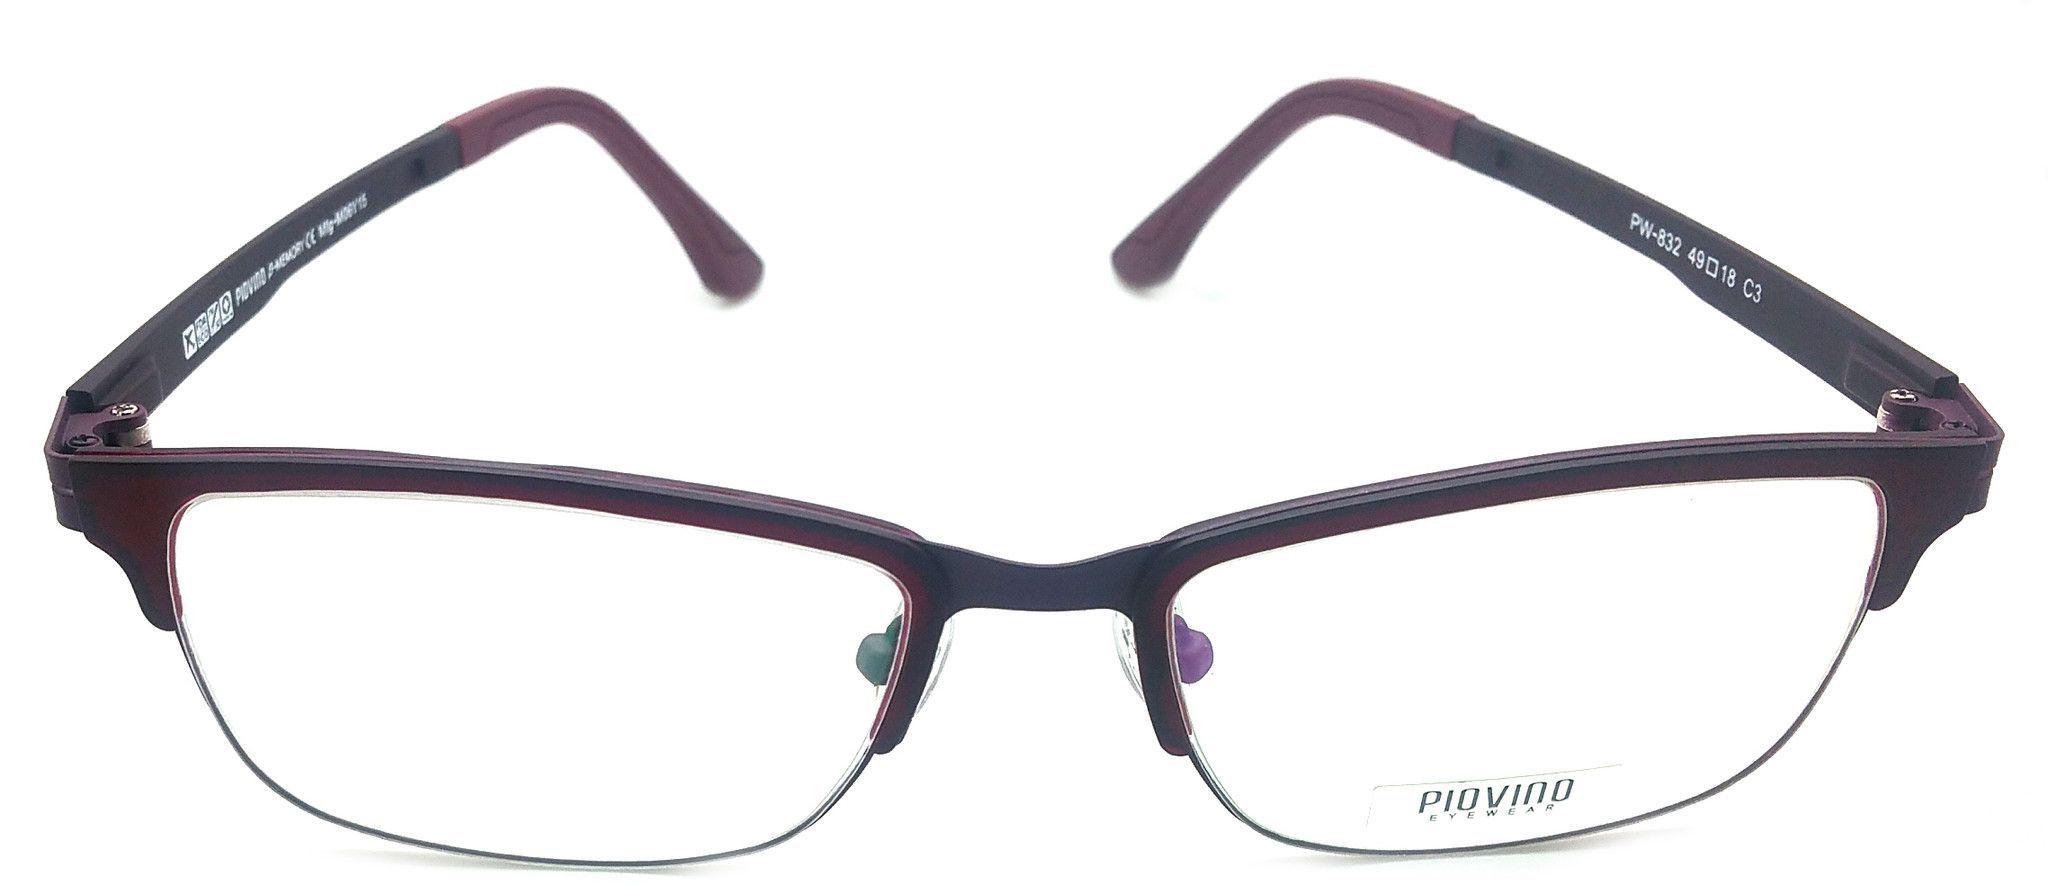 Piovino Eyeglasses Frame Super Light, Flexible PW-832 C3 Ultem Frame